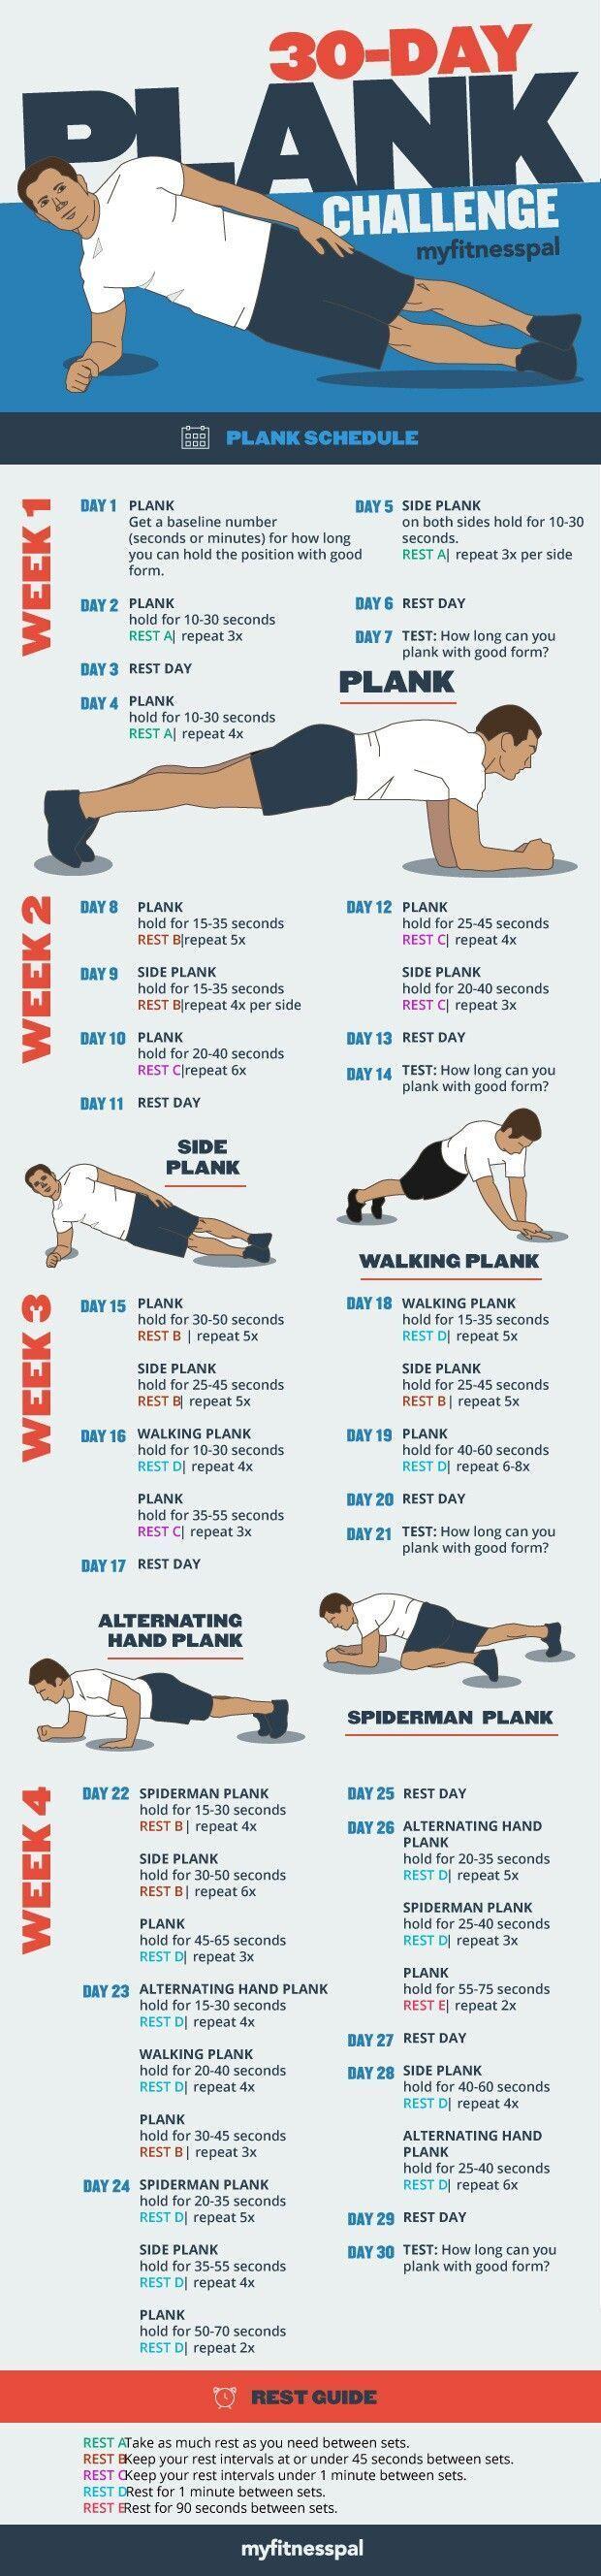 25 + › 30 Tage Plank Challenge! Ich habe diese Herausforderung gemeistert und habe angefangen, Ergebnisse in meinem …